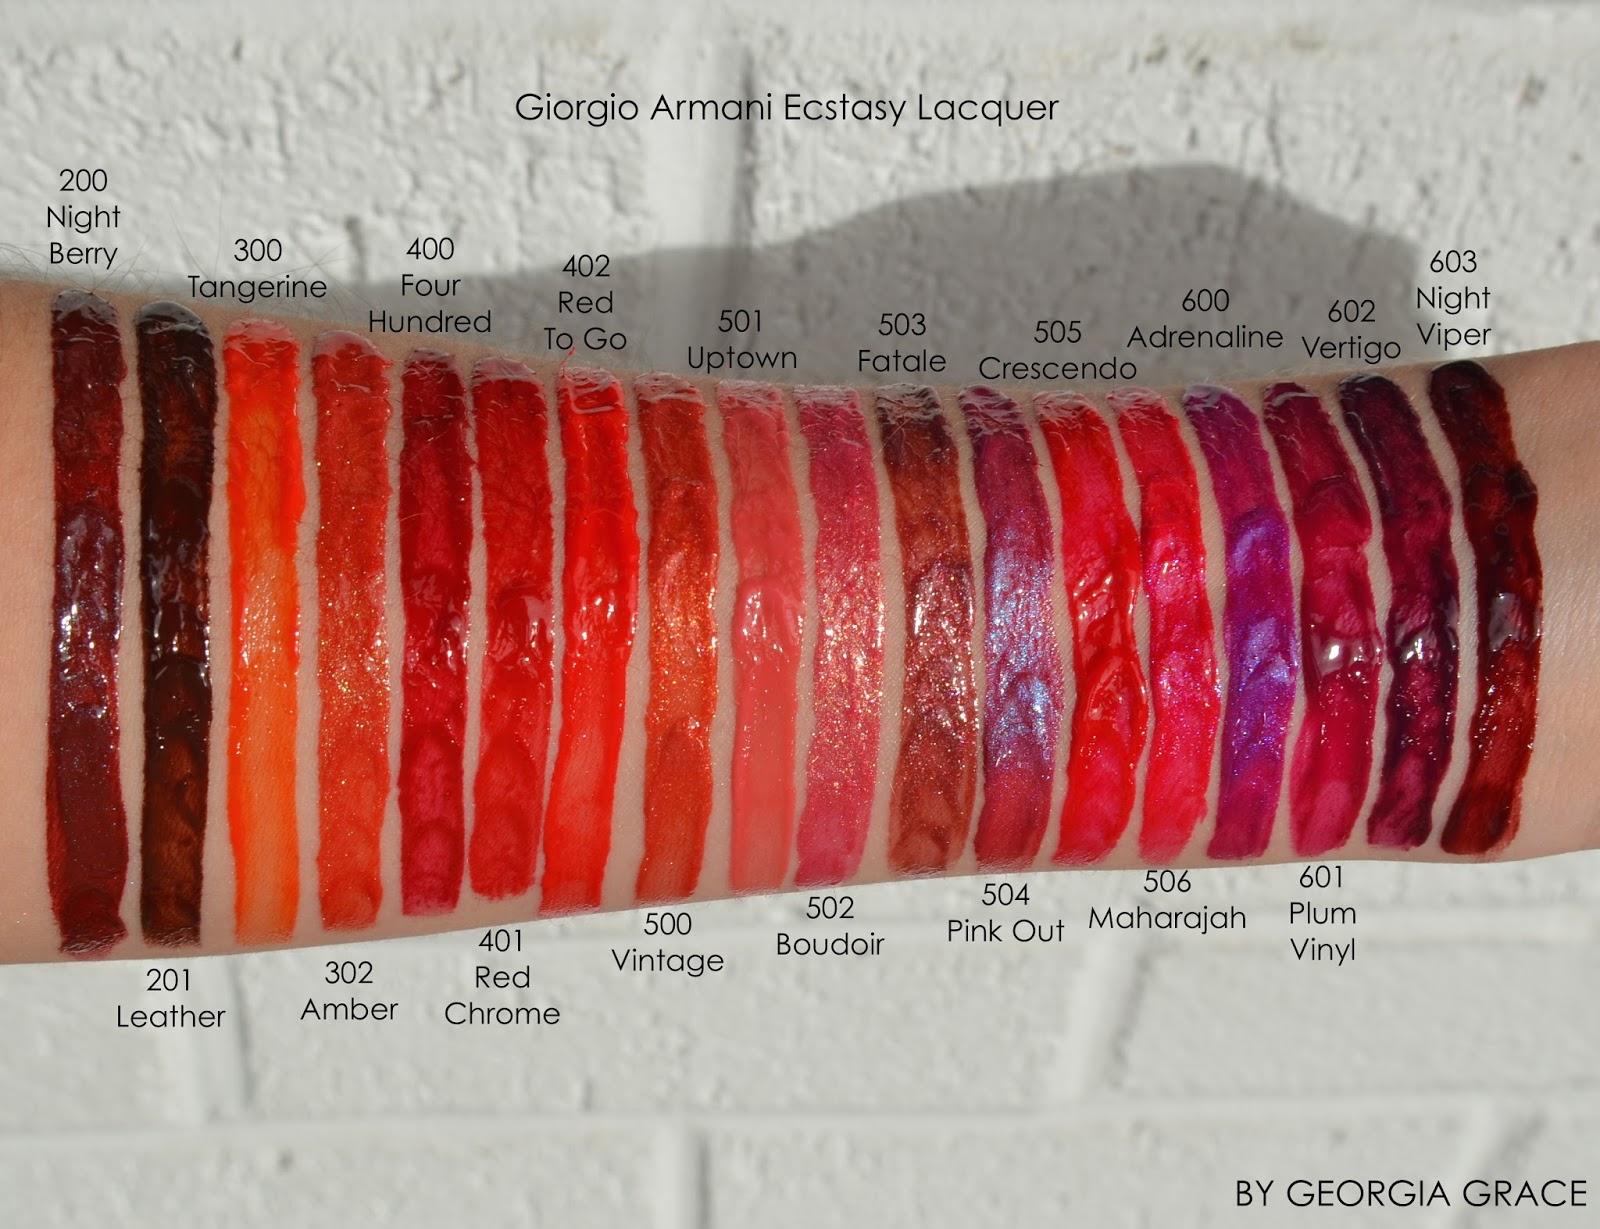 Ecstasy Lacquer Lip Gloss by Giorgio Armani Beauty #13